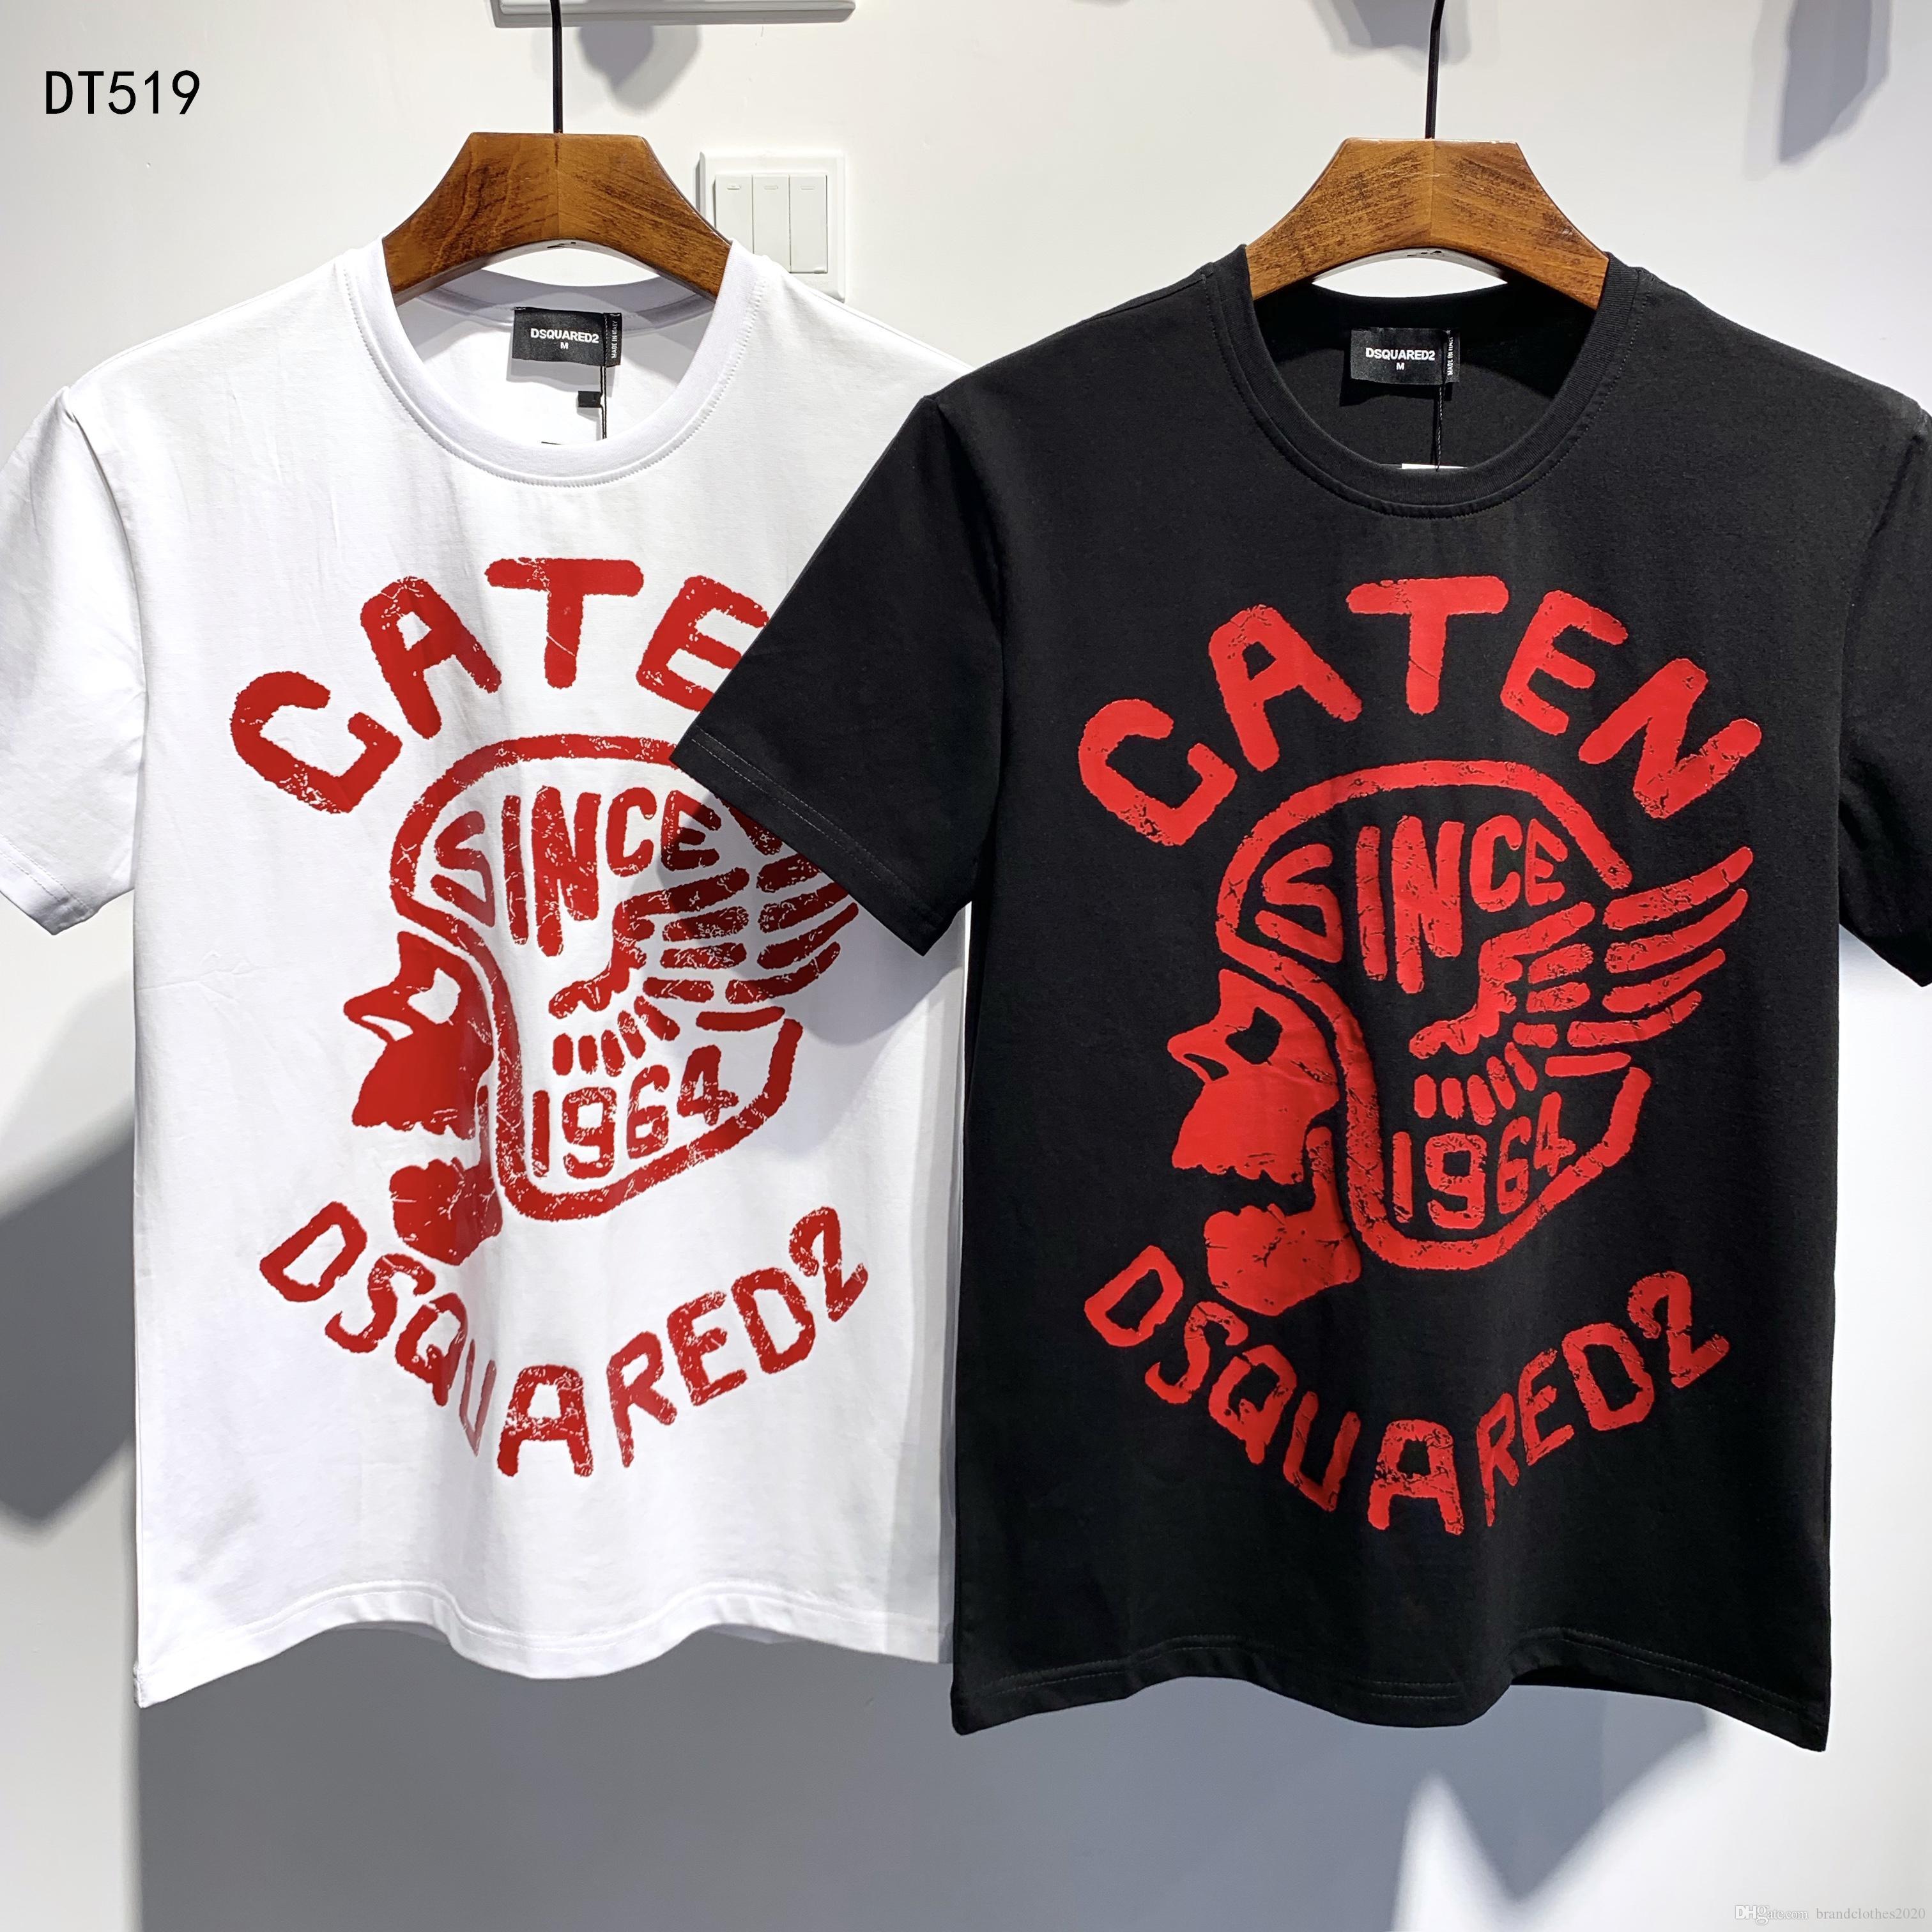 최고 품질 여름 패션 디자이너 ICON의 T 셔츠 # 005 유럽 D2 오프 럭셔리 남성 여성 셔츠 화이트 반소매면 프린트 티 메두사